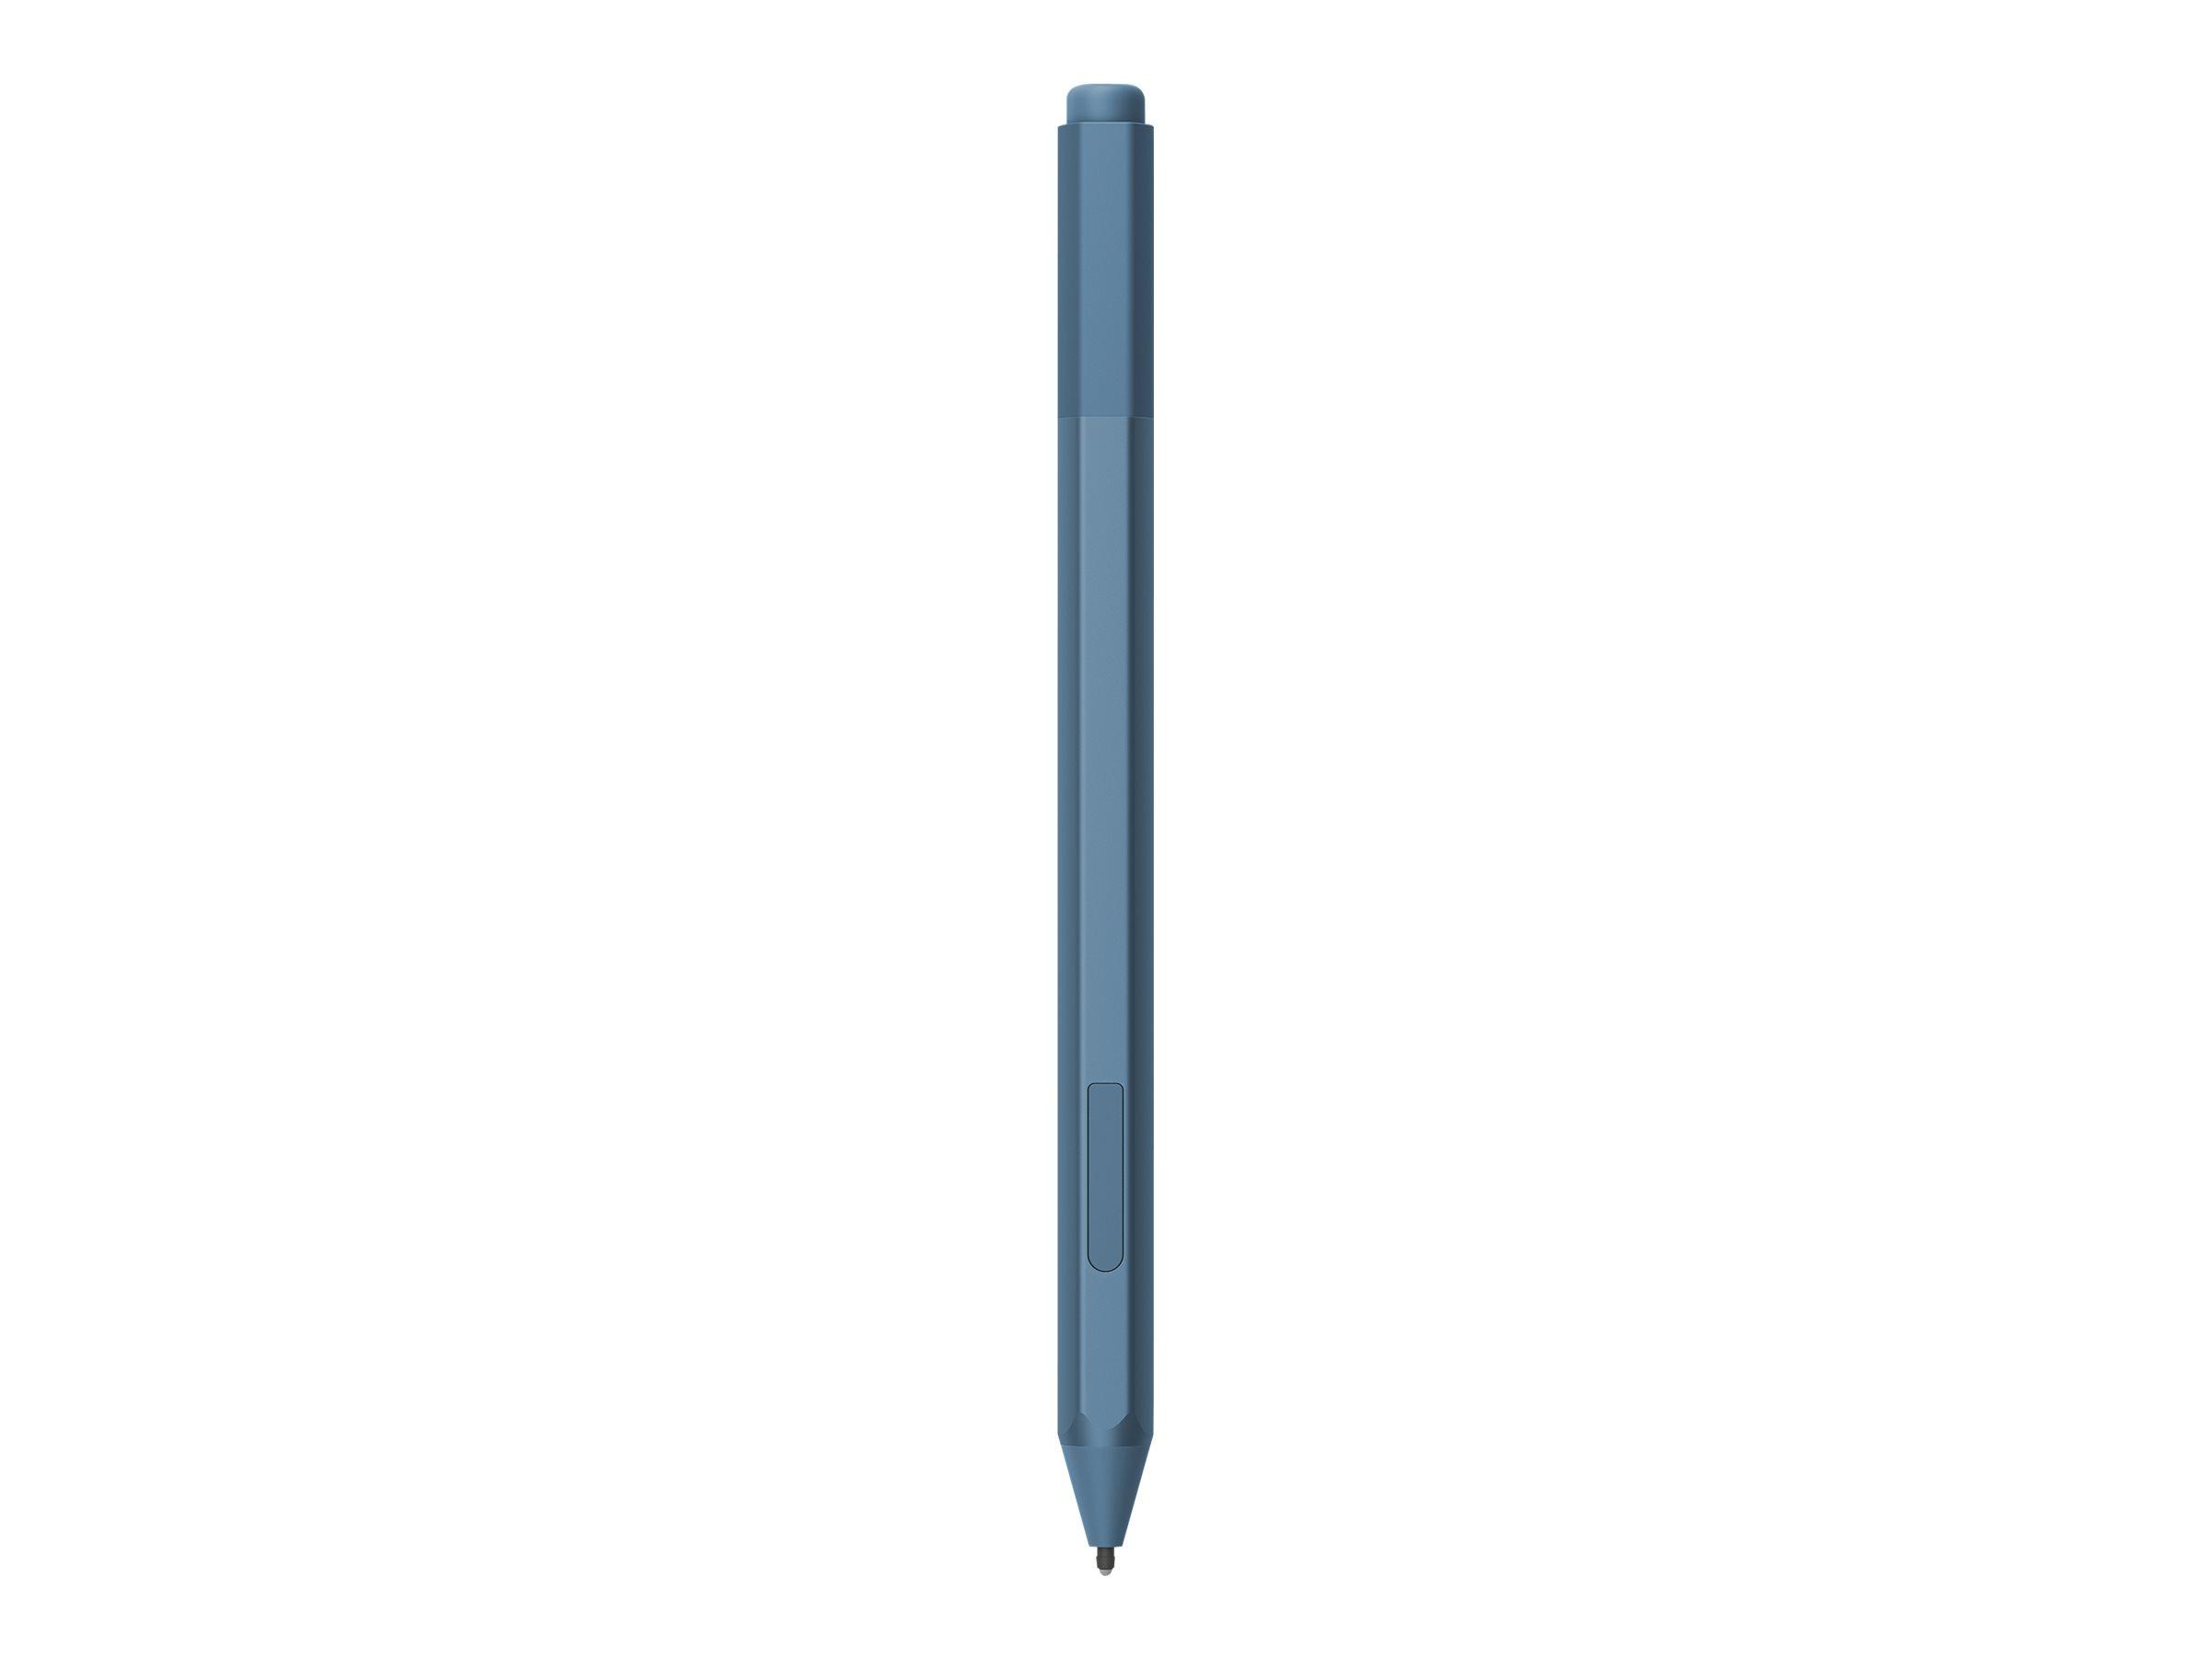 Microsoft Surface Pen - Stift - 2 Tasten - kabellos - Bluetooth 4.0 - Eisblau